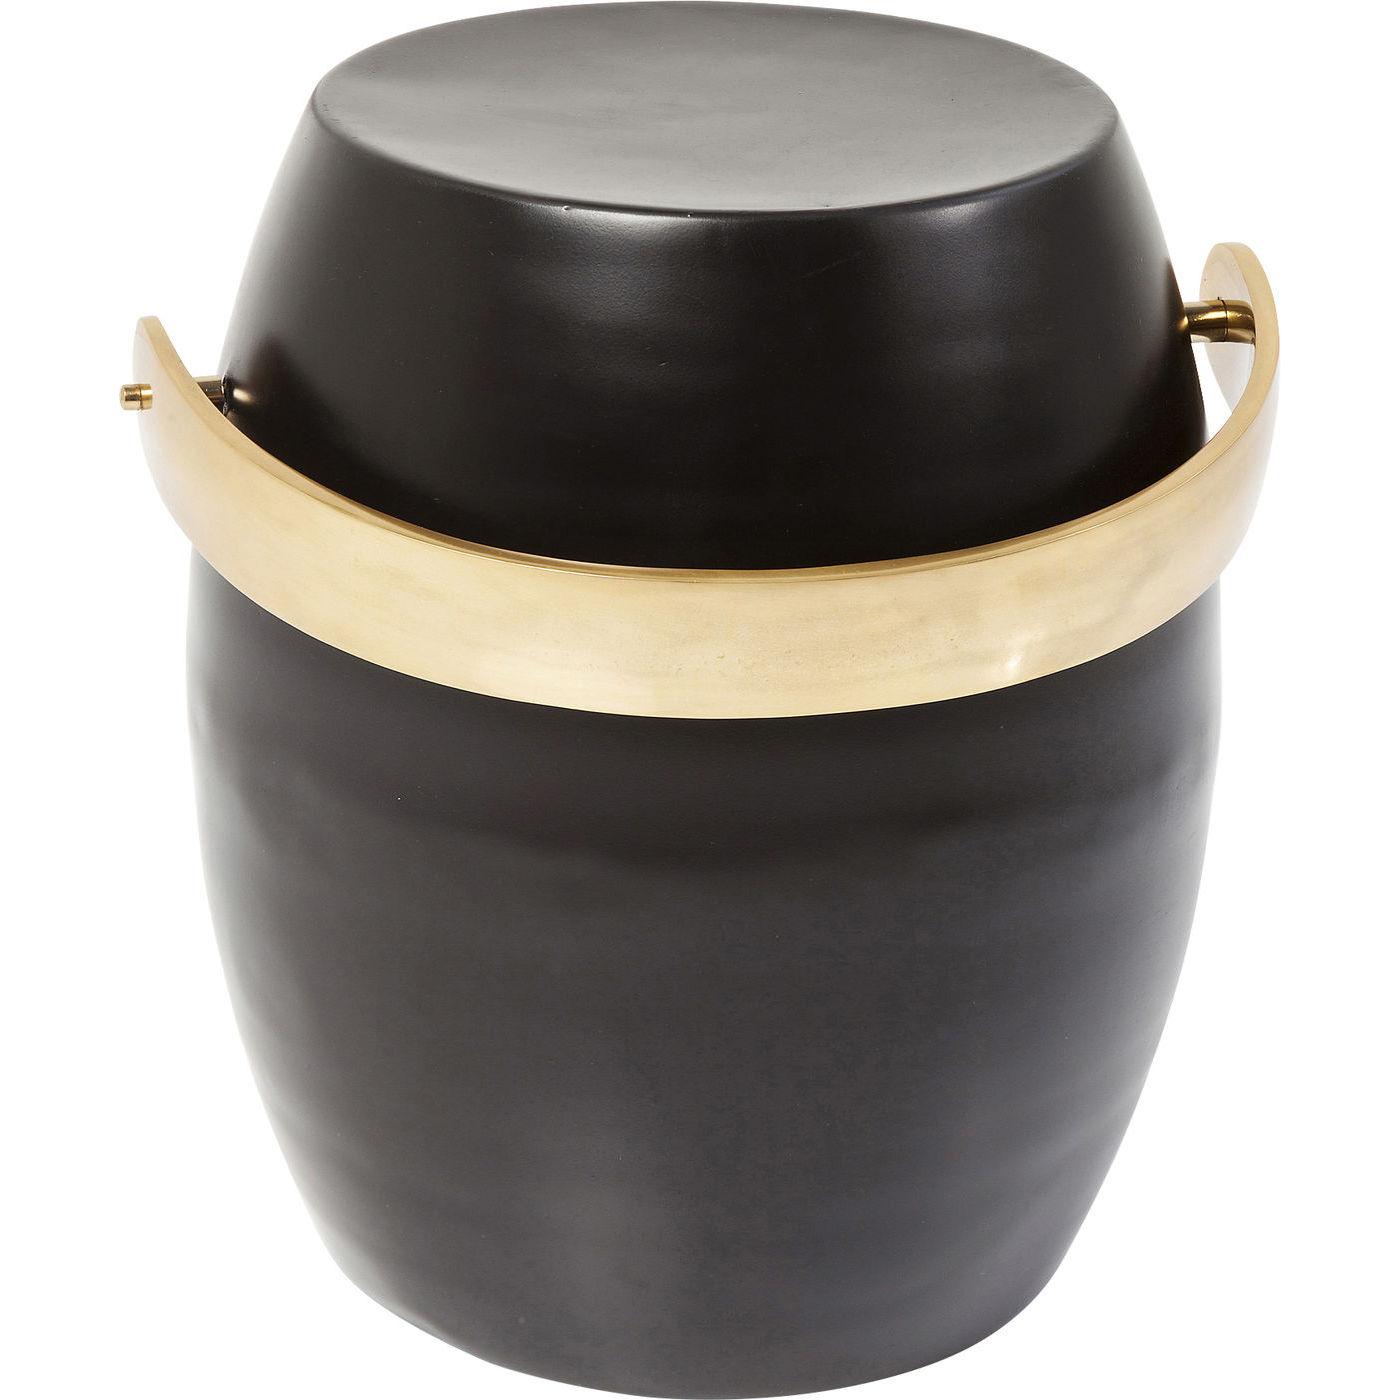 Image of   KARE DESIGN Barrel Handle taburet - guld/aluminium og sort/stål